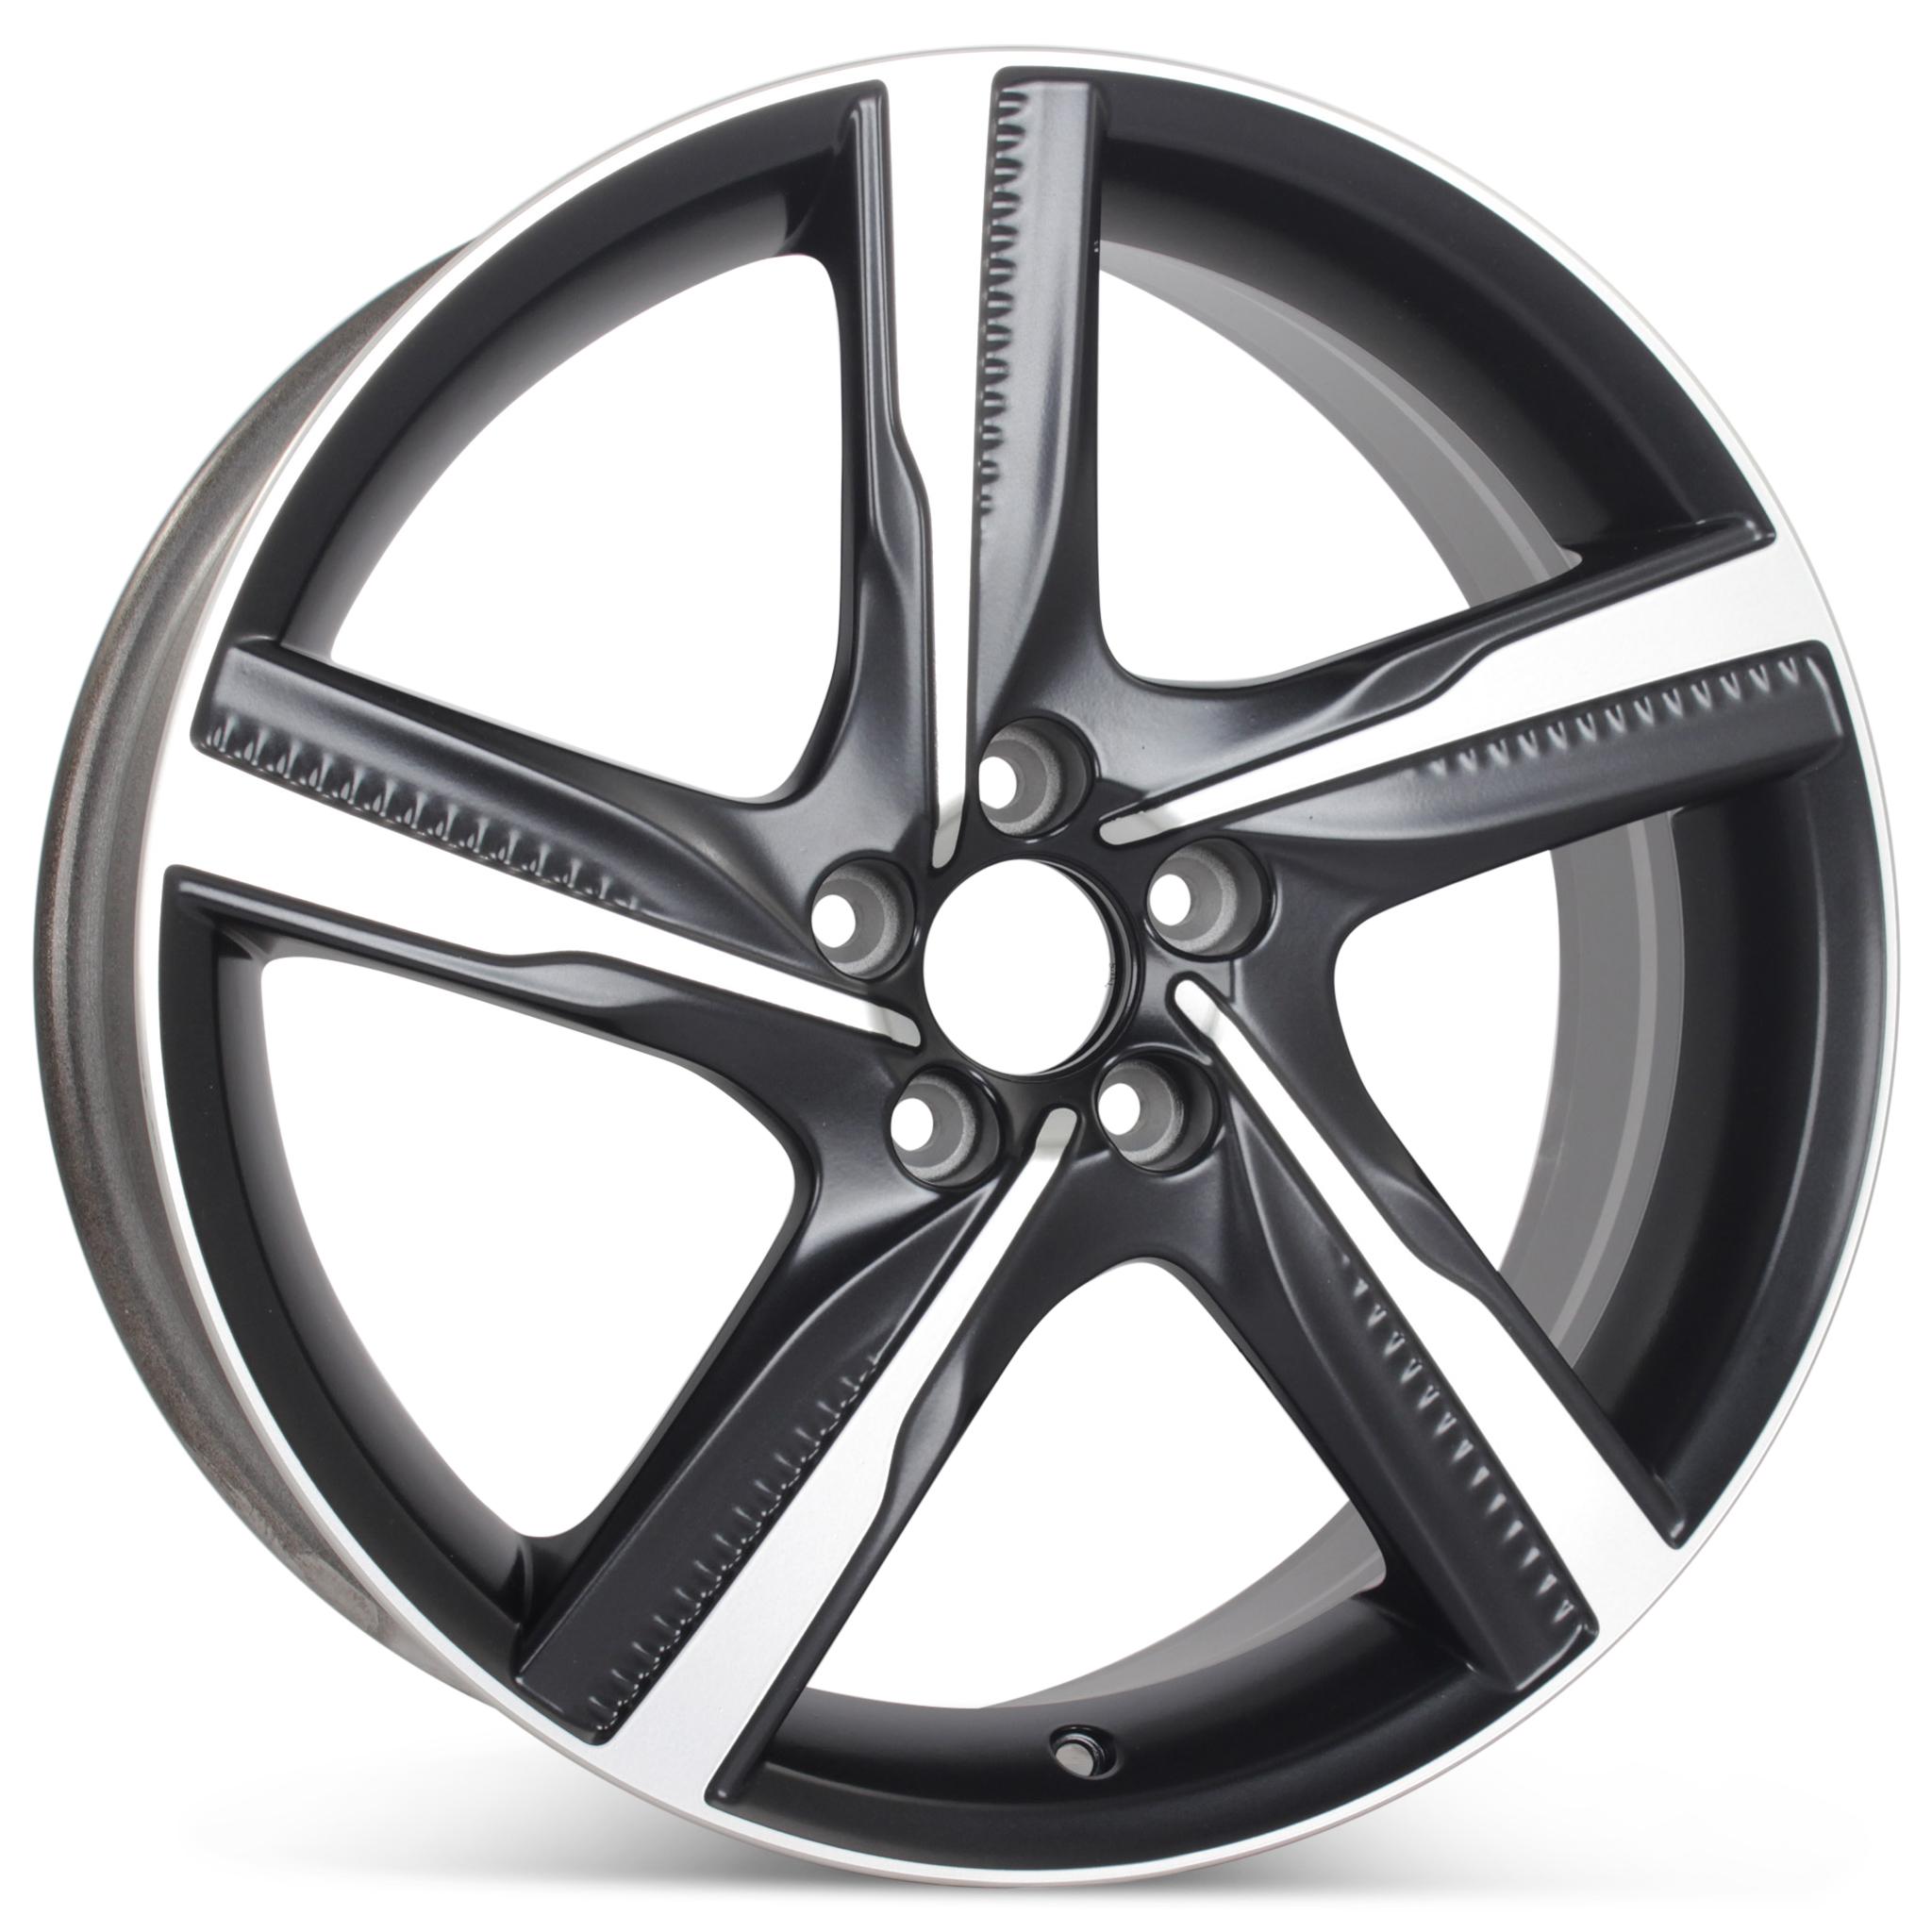 Volvo V60 2015 19 Quot X 8 Quot R Design Factory Oem Wheel Rim